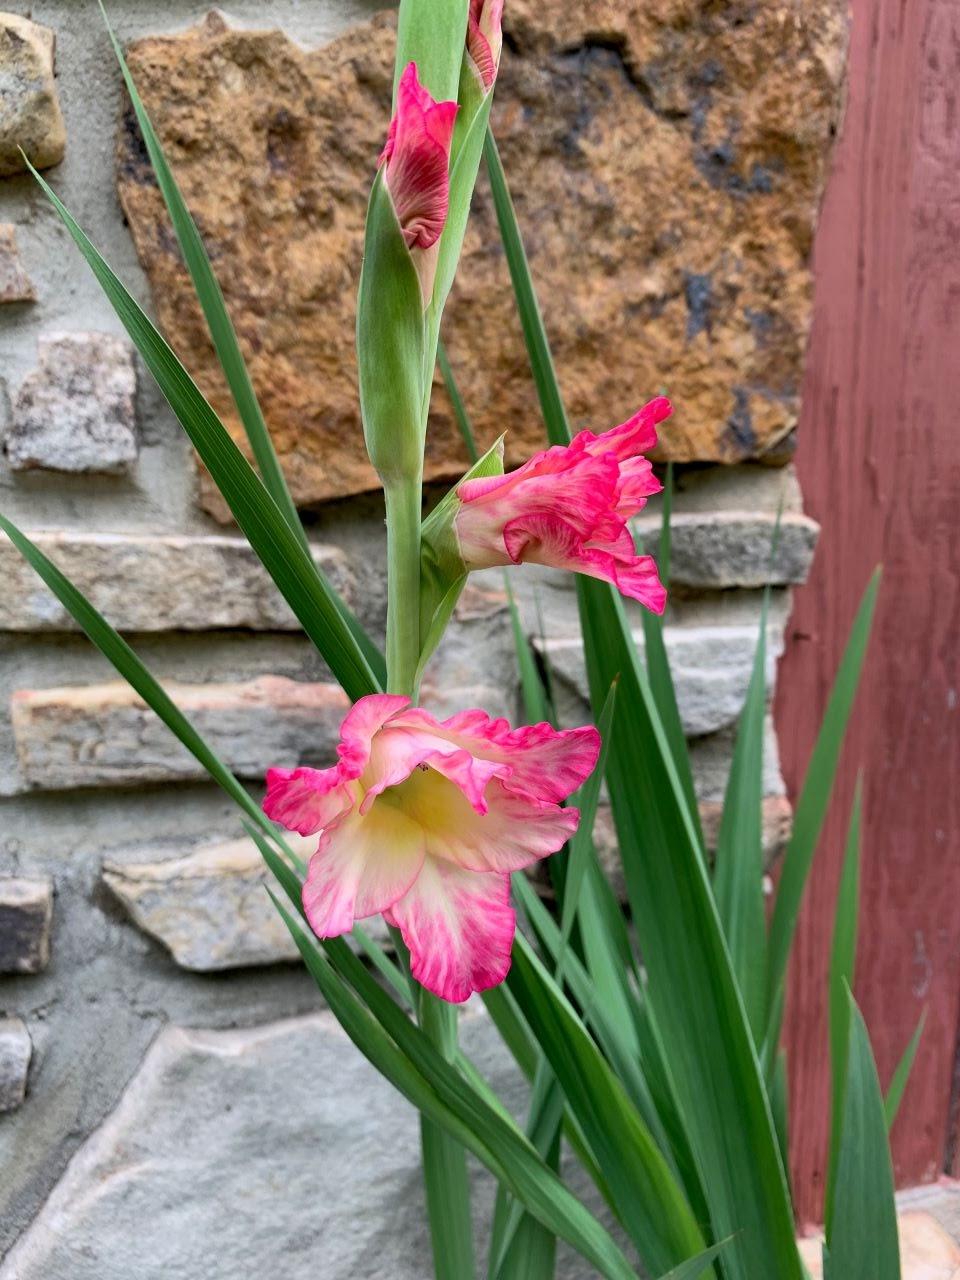 Gladiolus blooms